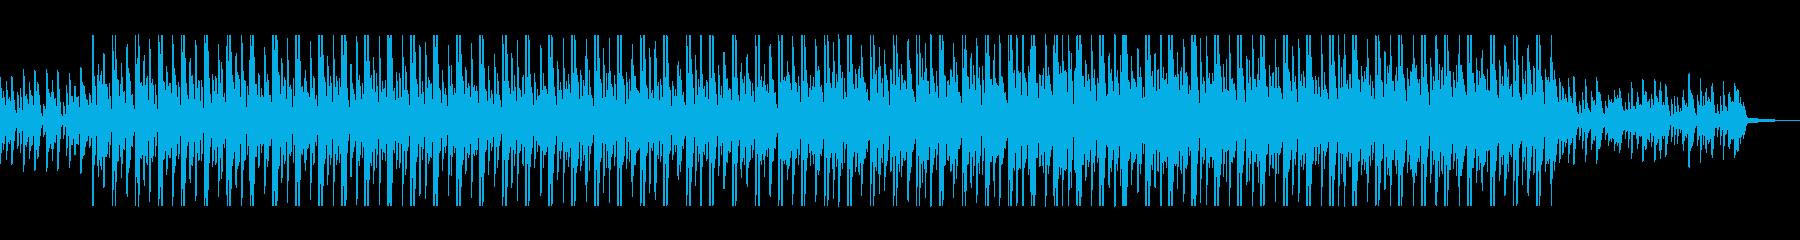 キラキラ、クールなエレクトロニカの再生済みの波形